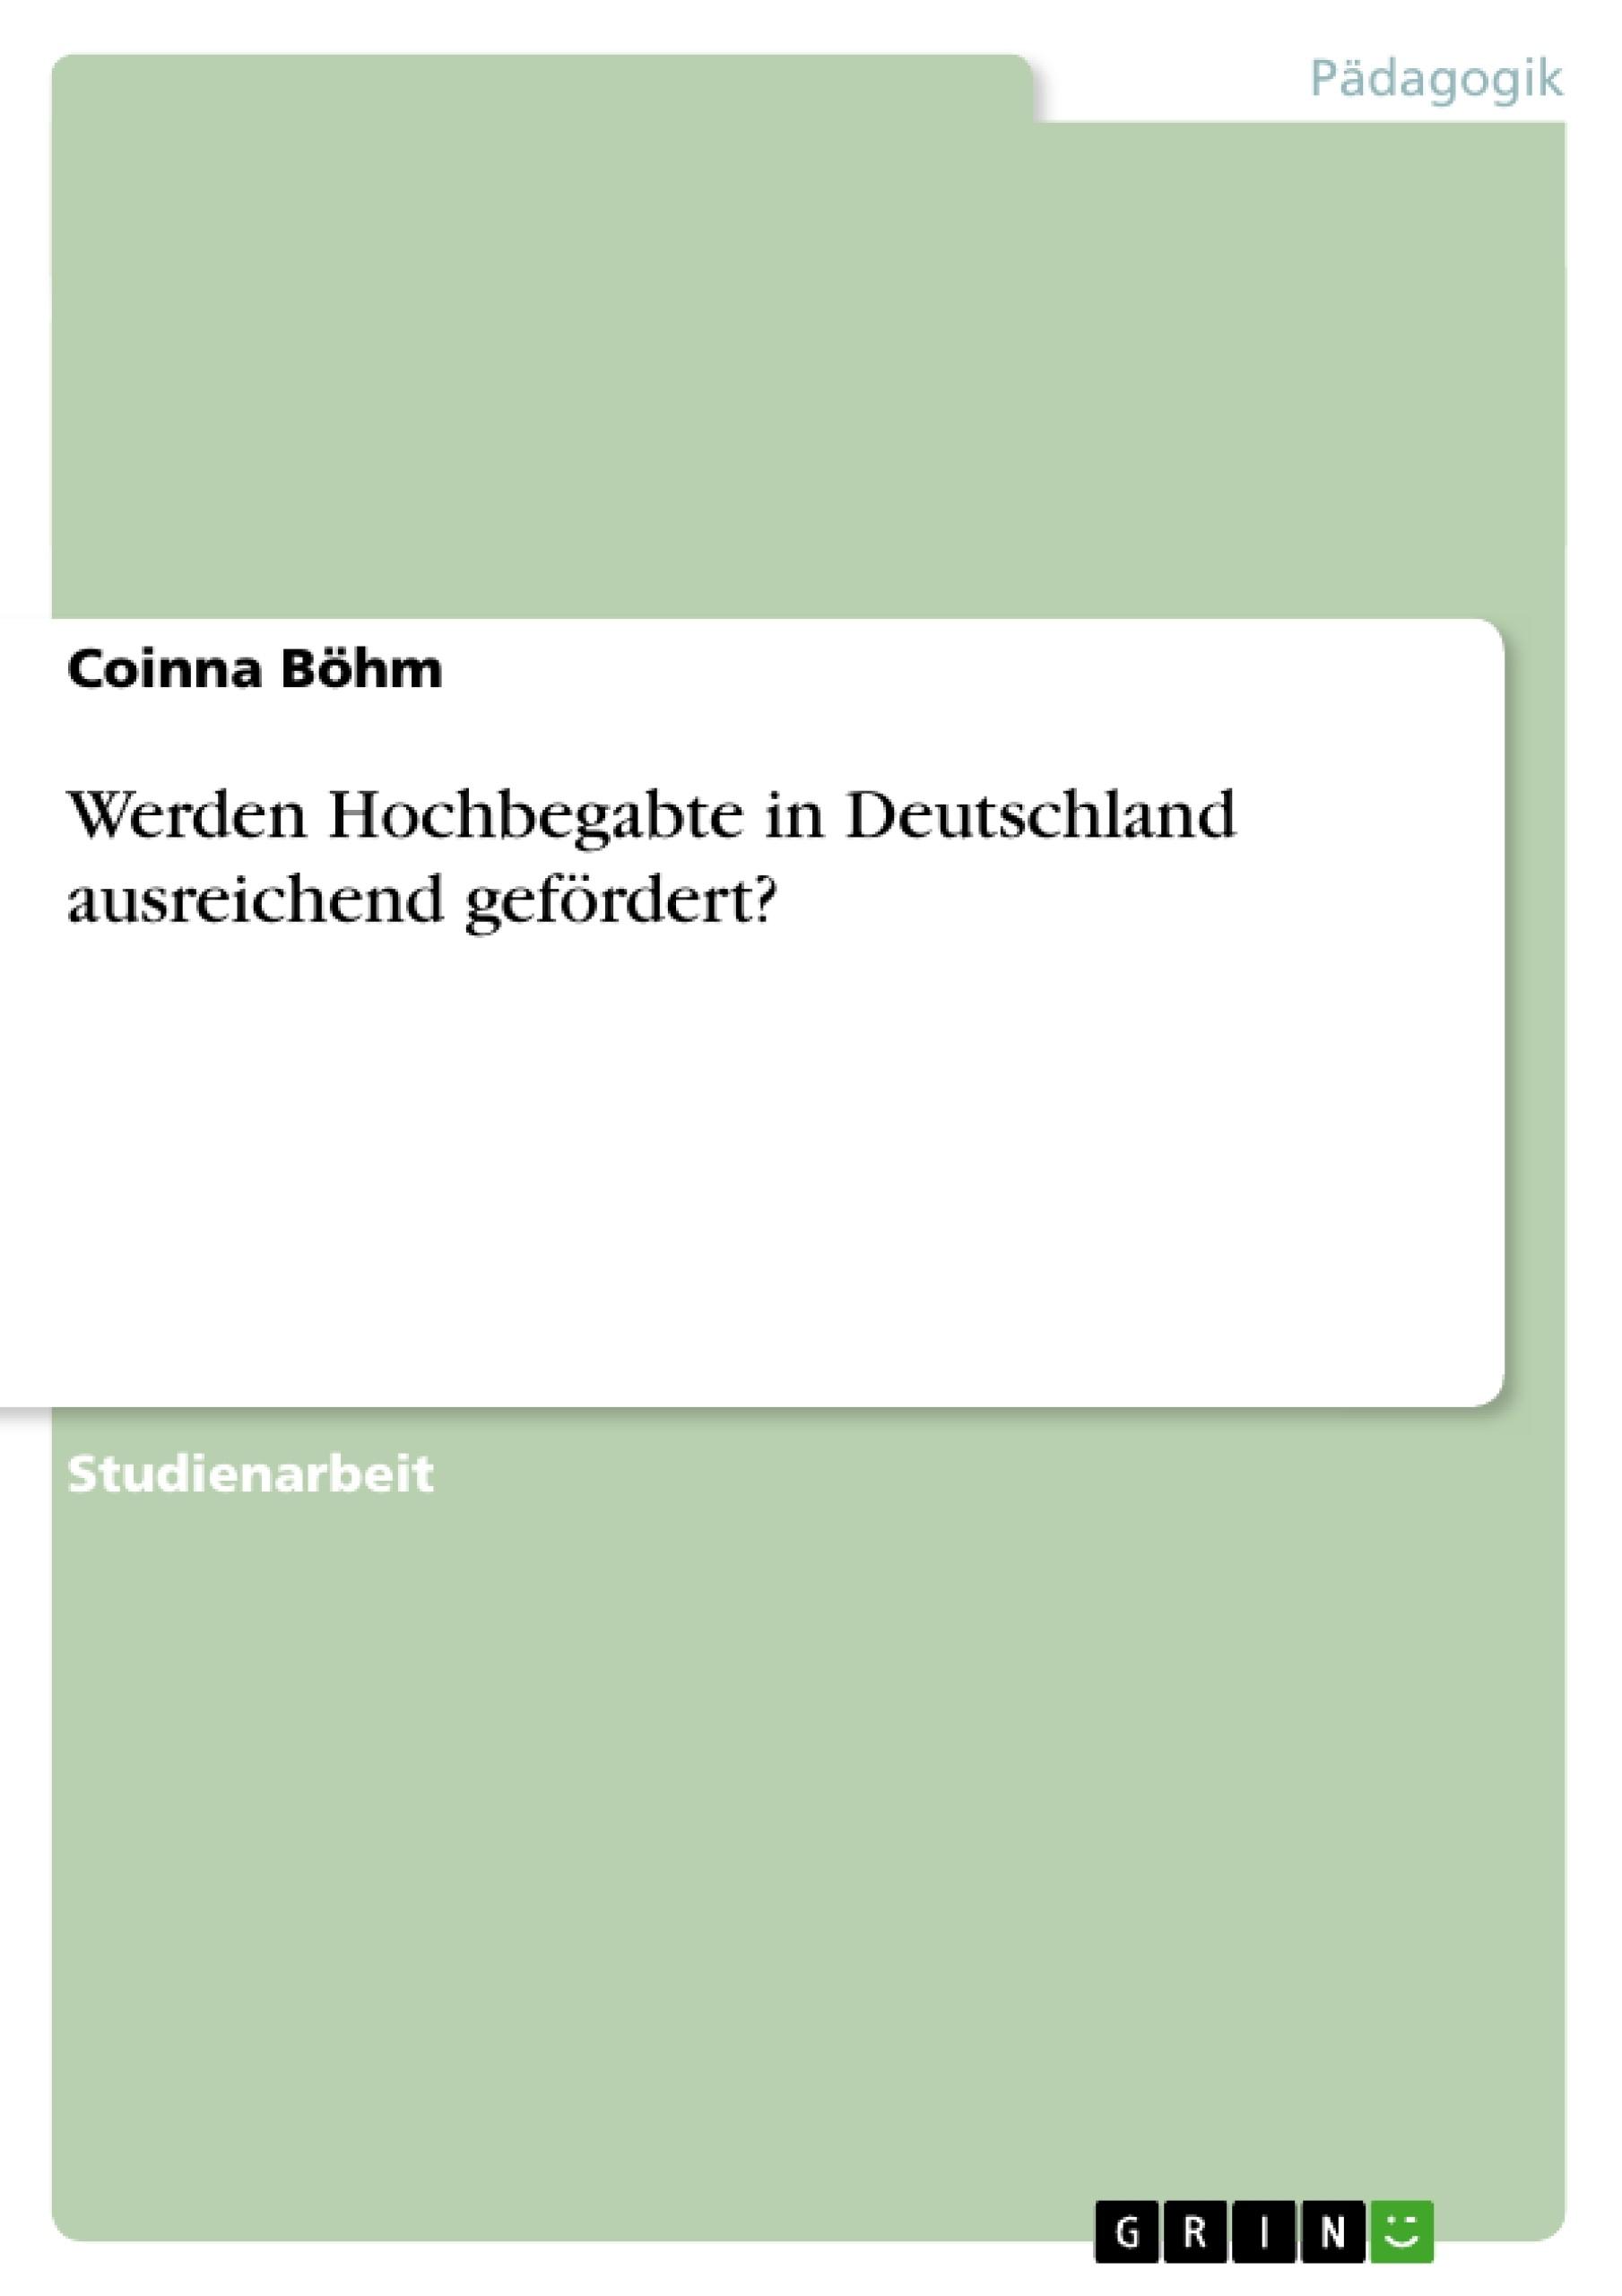 Titel: Werden Hochbegabte in Deutschland ausreichend gefördert?